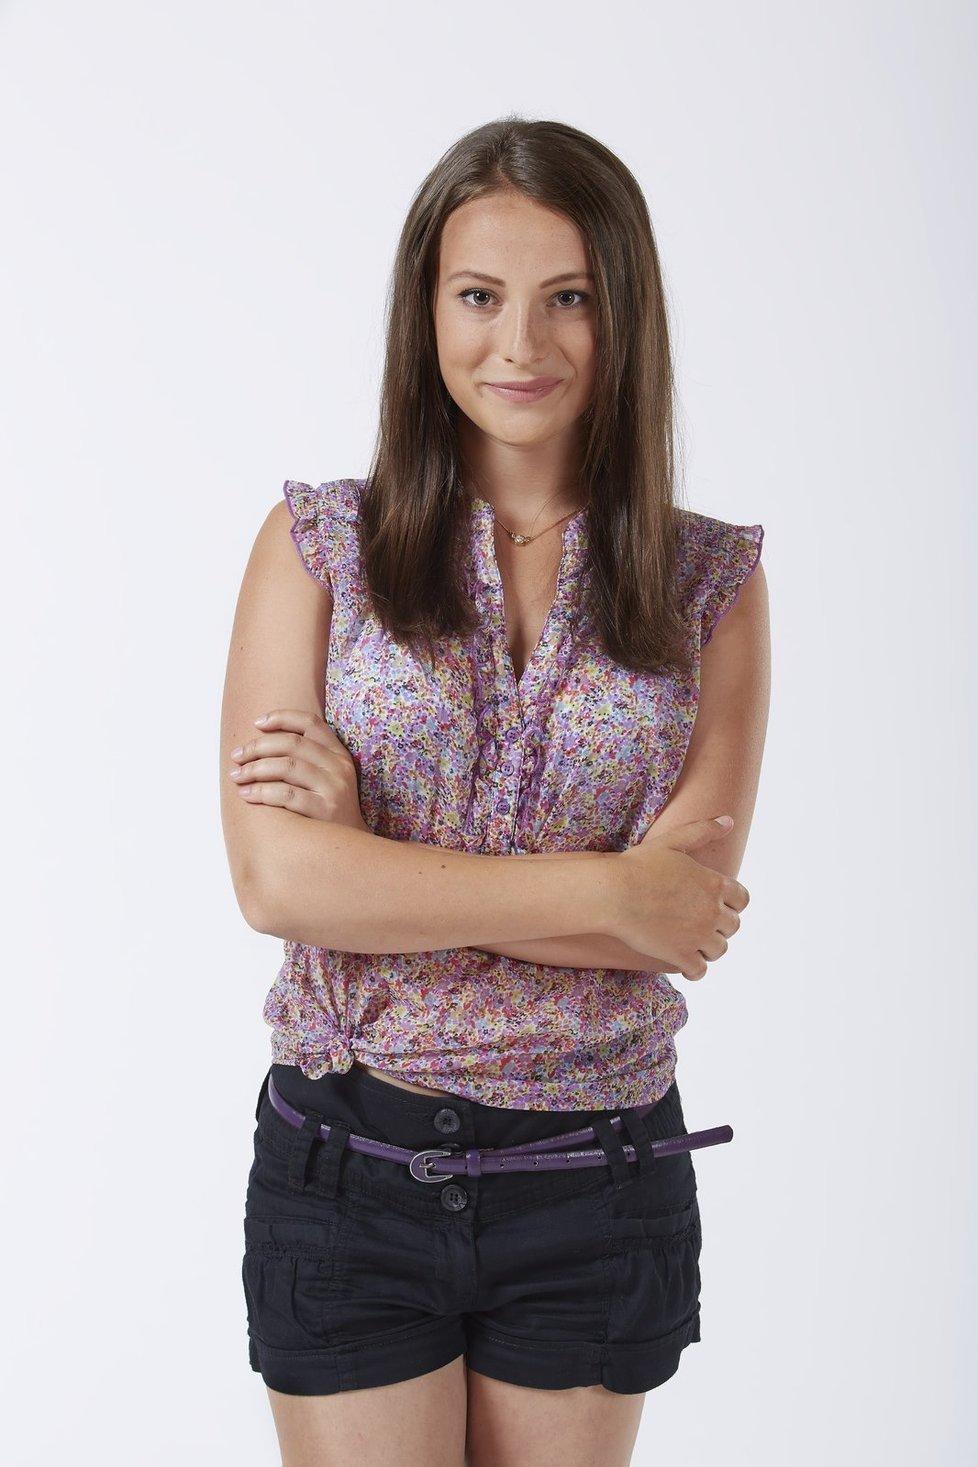 Anna Fialova